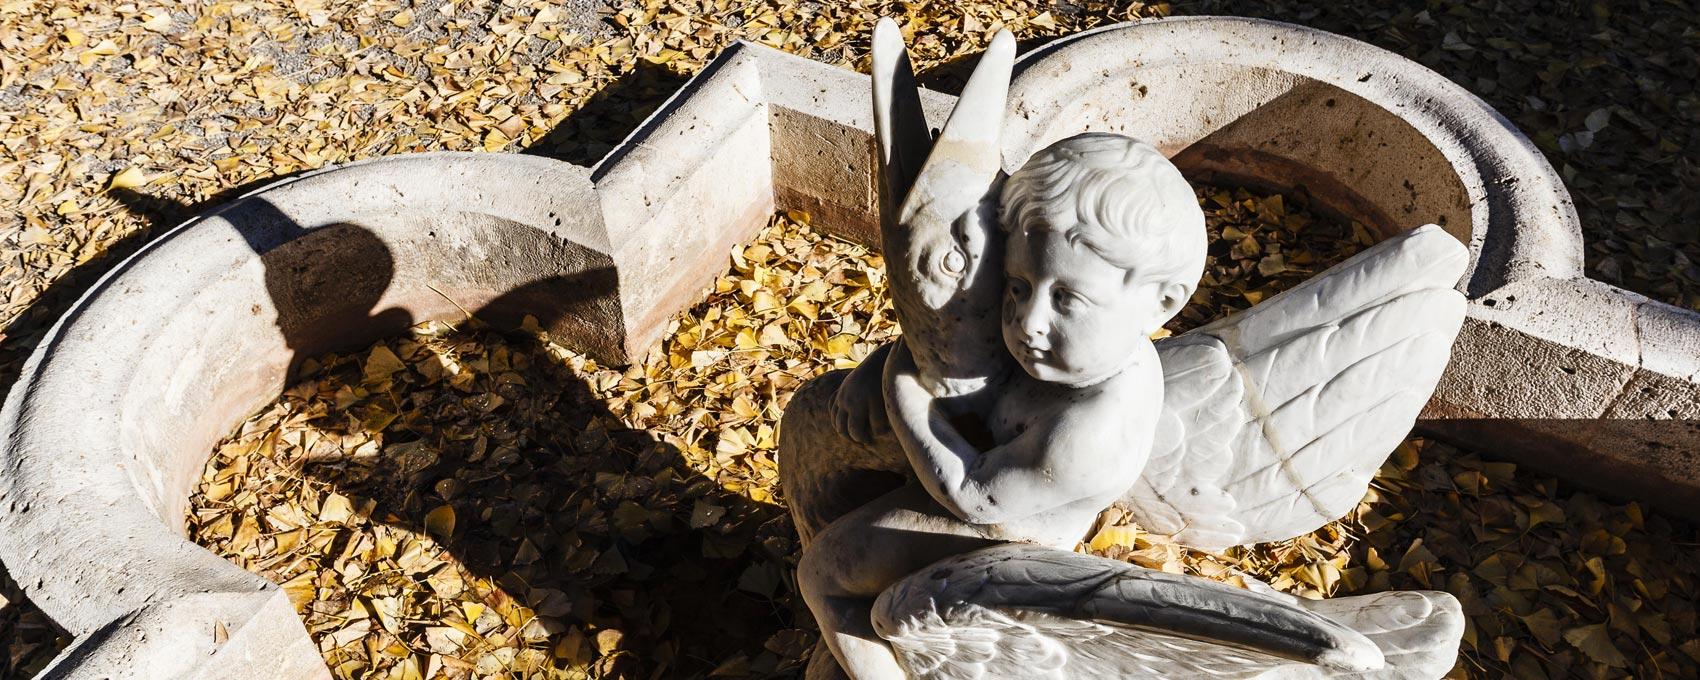 Situada en la zona oeste del Jardín Romántico encontramos esta pequeña alberca en forma de cruz griega presidida por una fuente compuesta por la figura de un Niño Cabalgando sobre un Cisne.